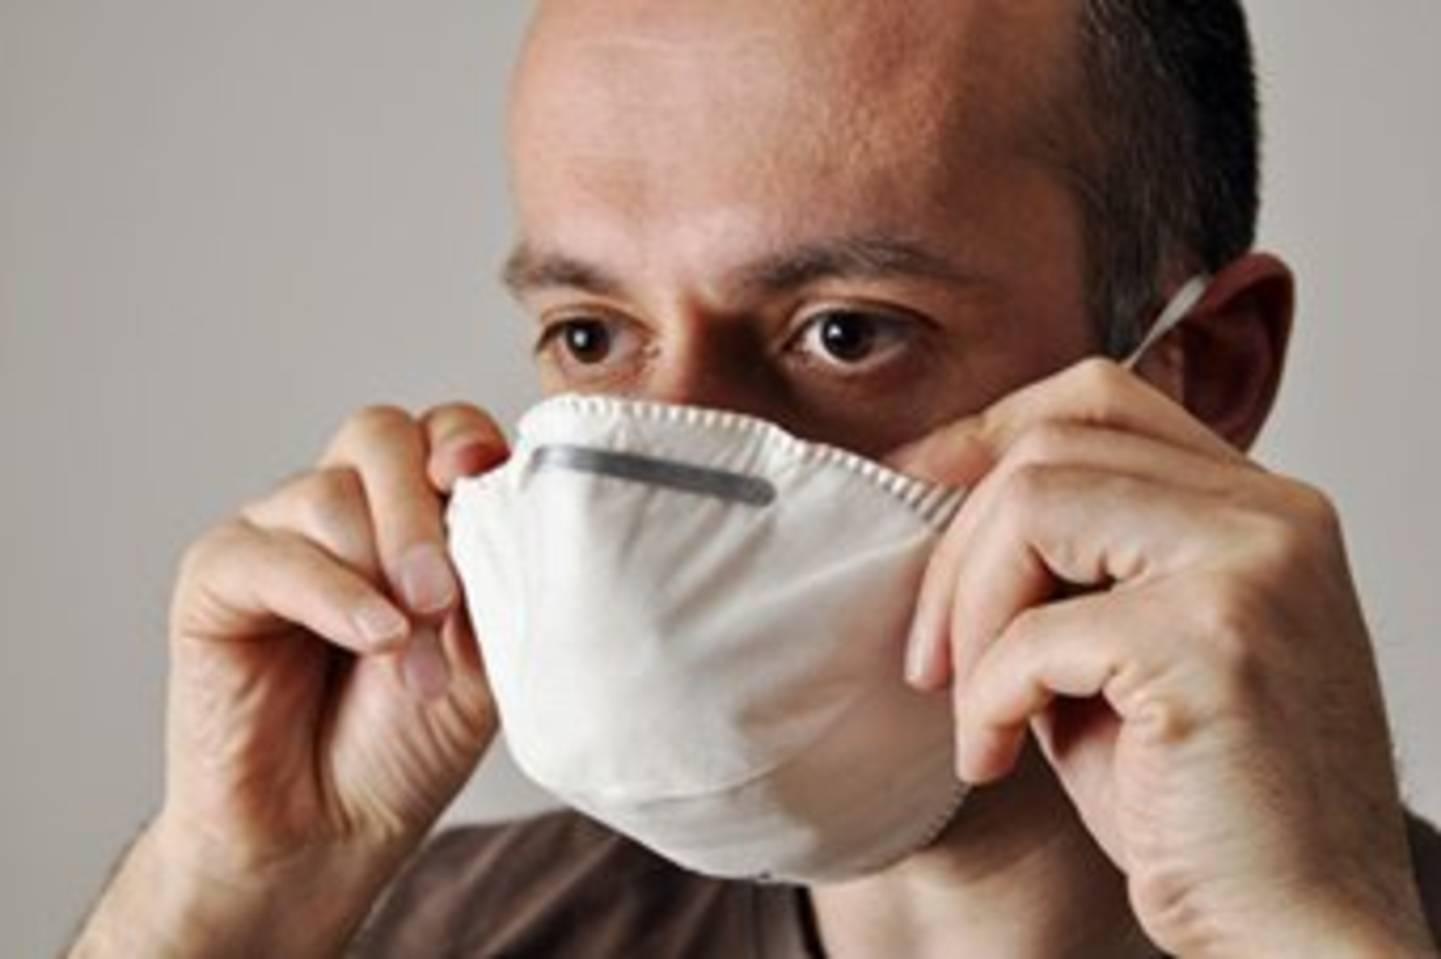 Atemschutz muss gut auf dem Gesicht sitzen